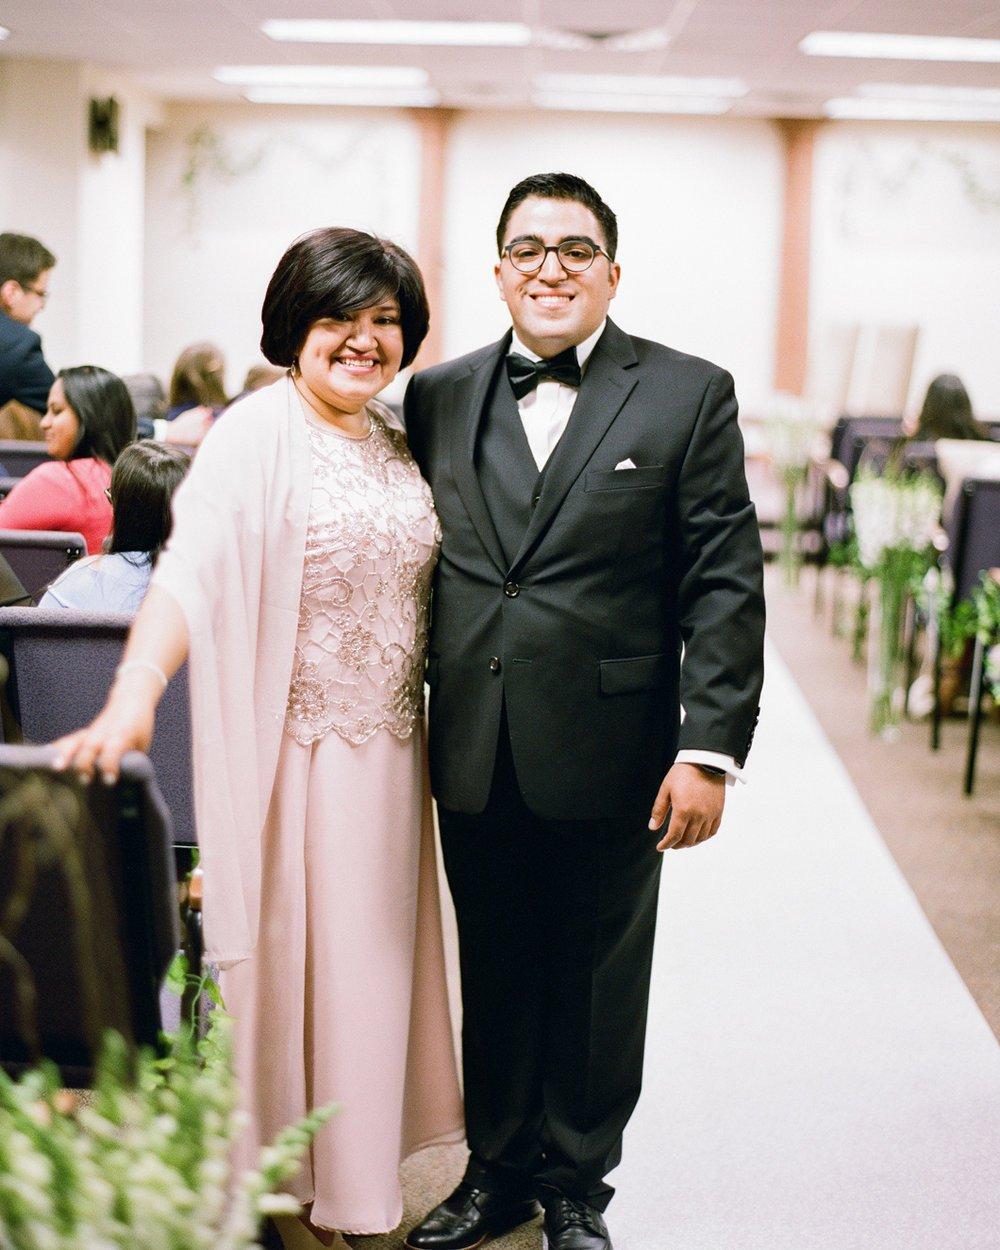 02_wedding-mother-groom-portrait.jpg